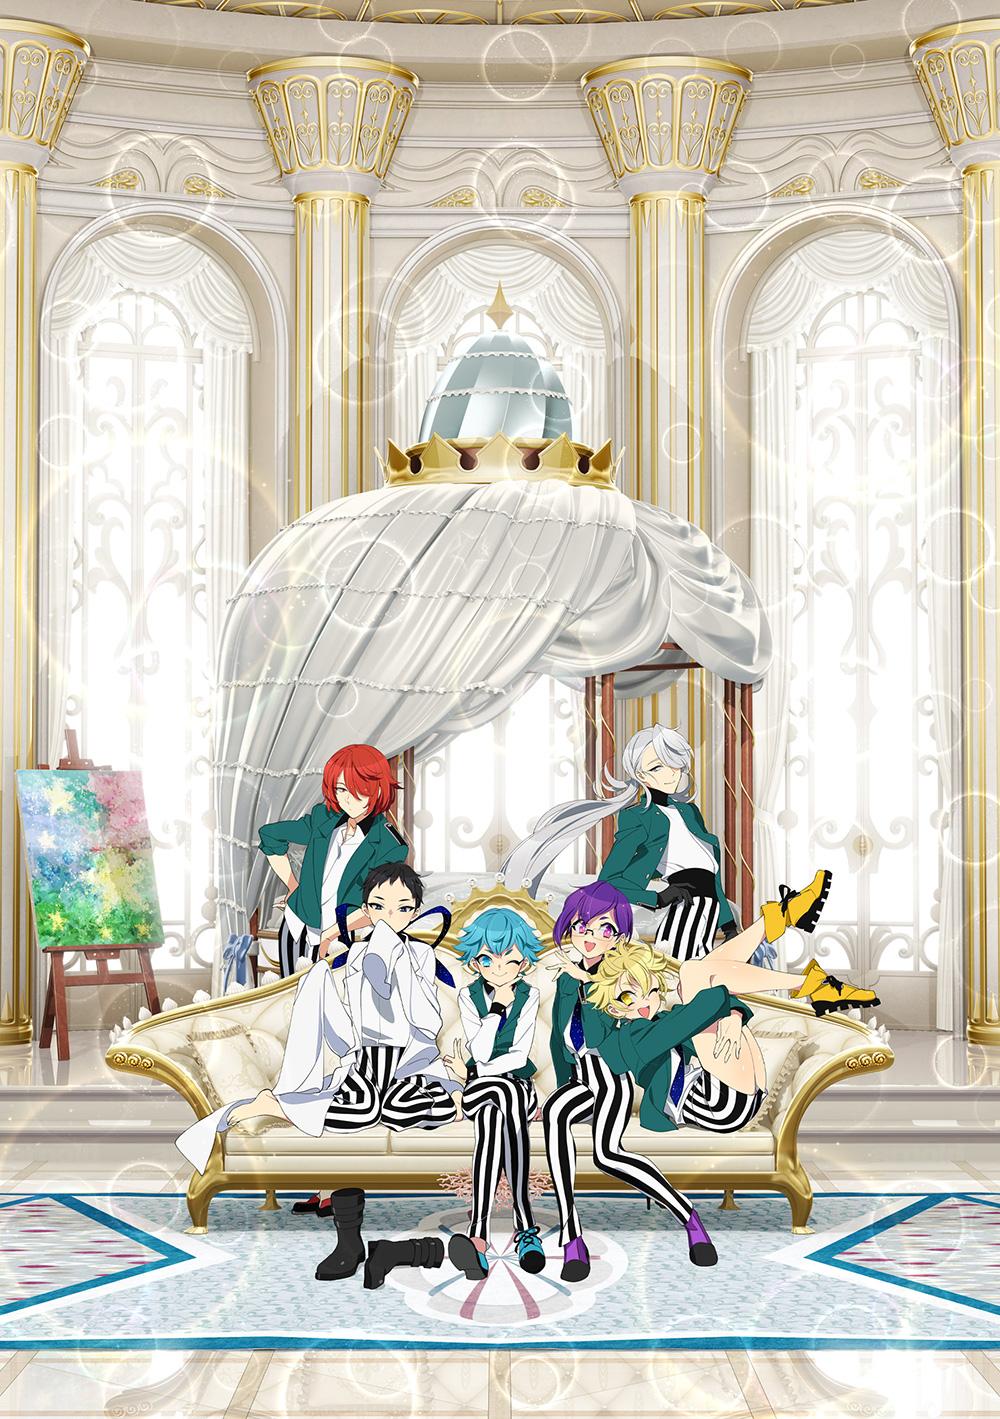 Bishounen-Tanteidan-Anime-Visual